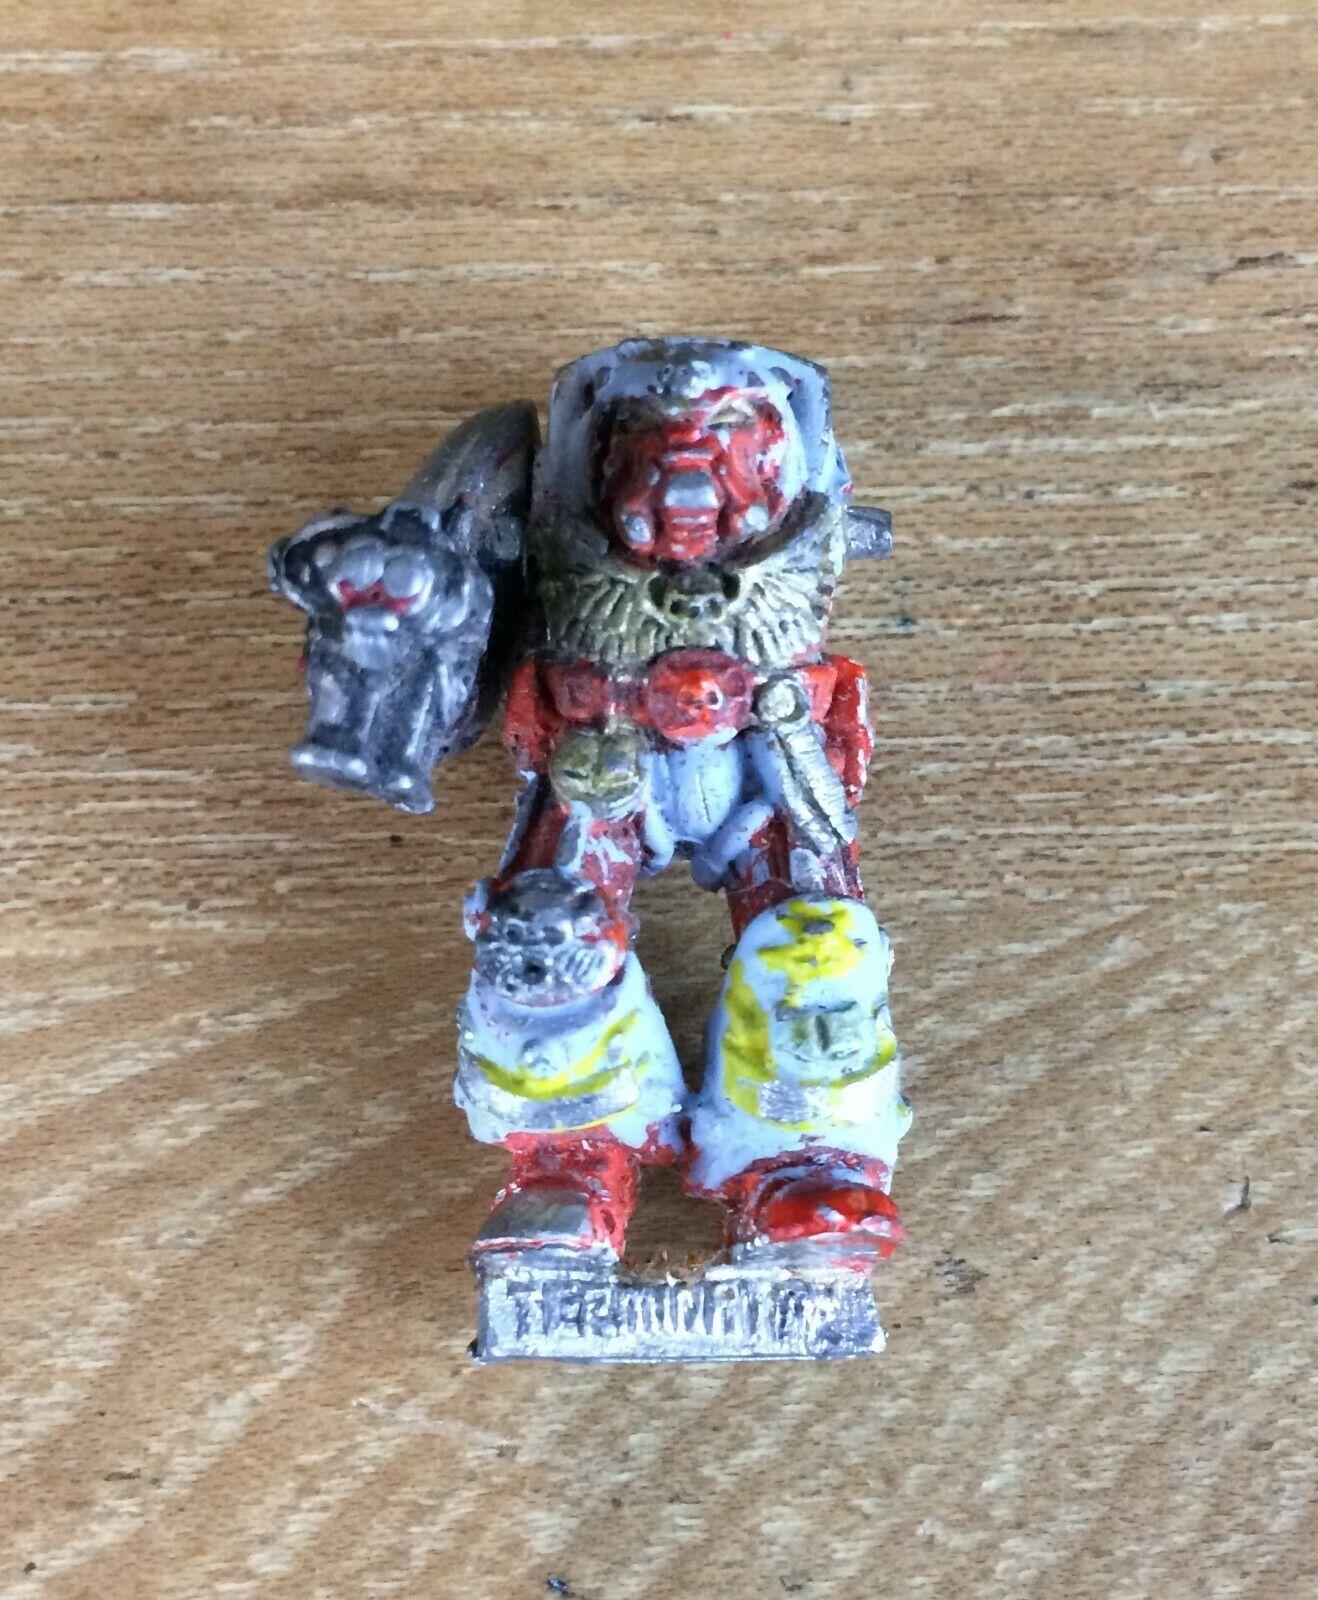 Warhammer 40k Space Marine Terminator bibliotecario 410512 1989 De De De Metal  Obtén lo ultimo